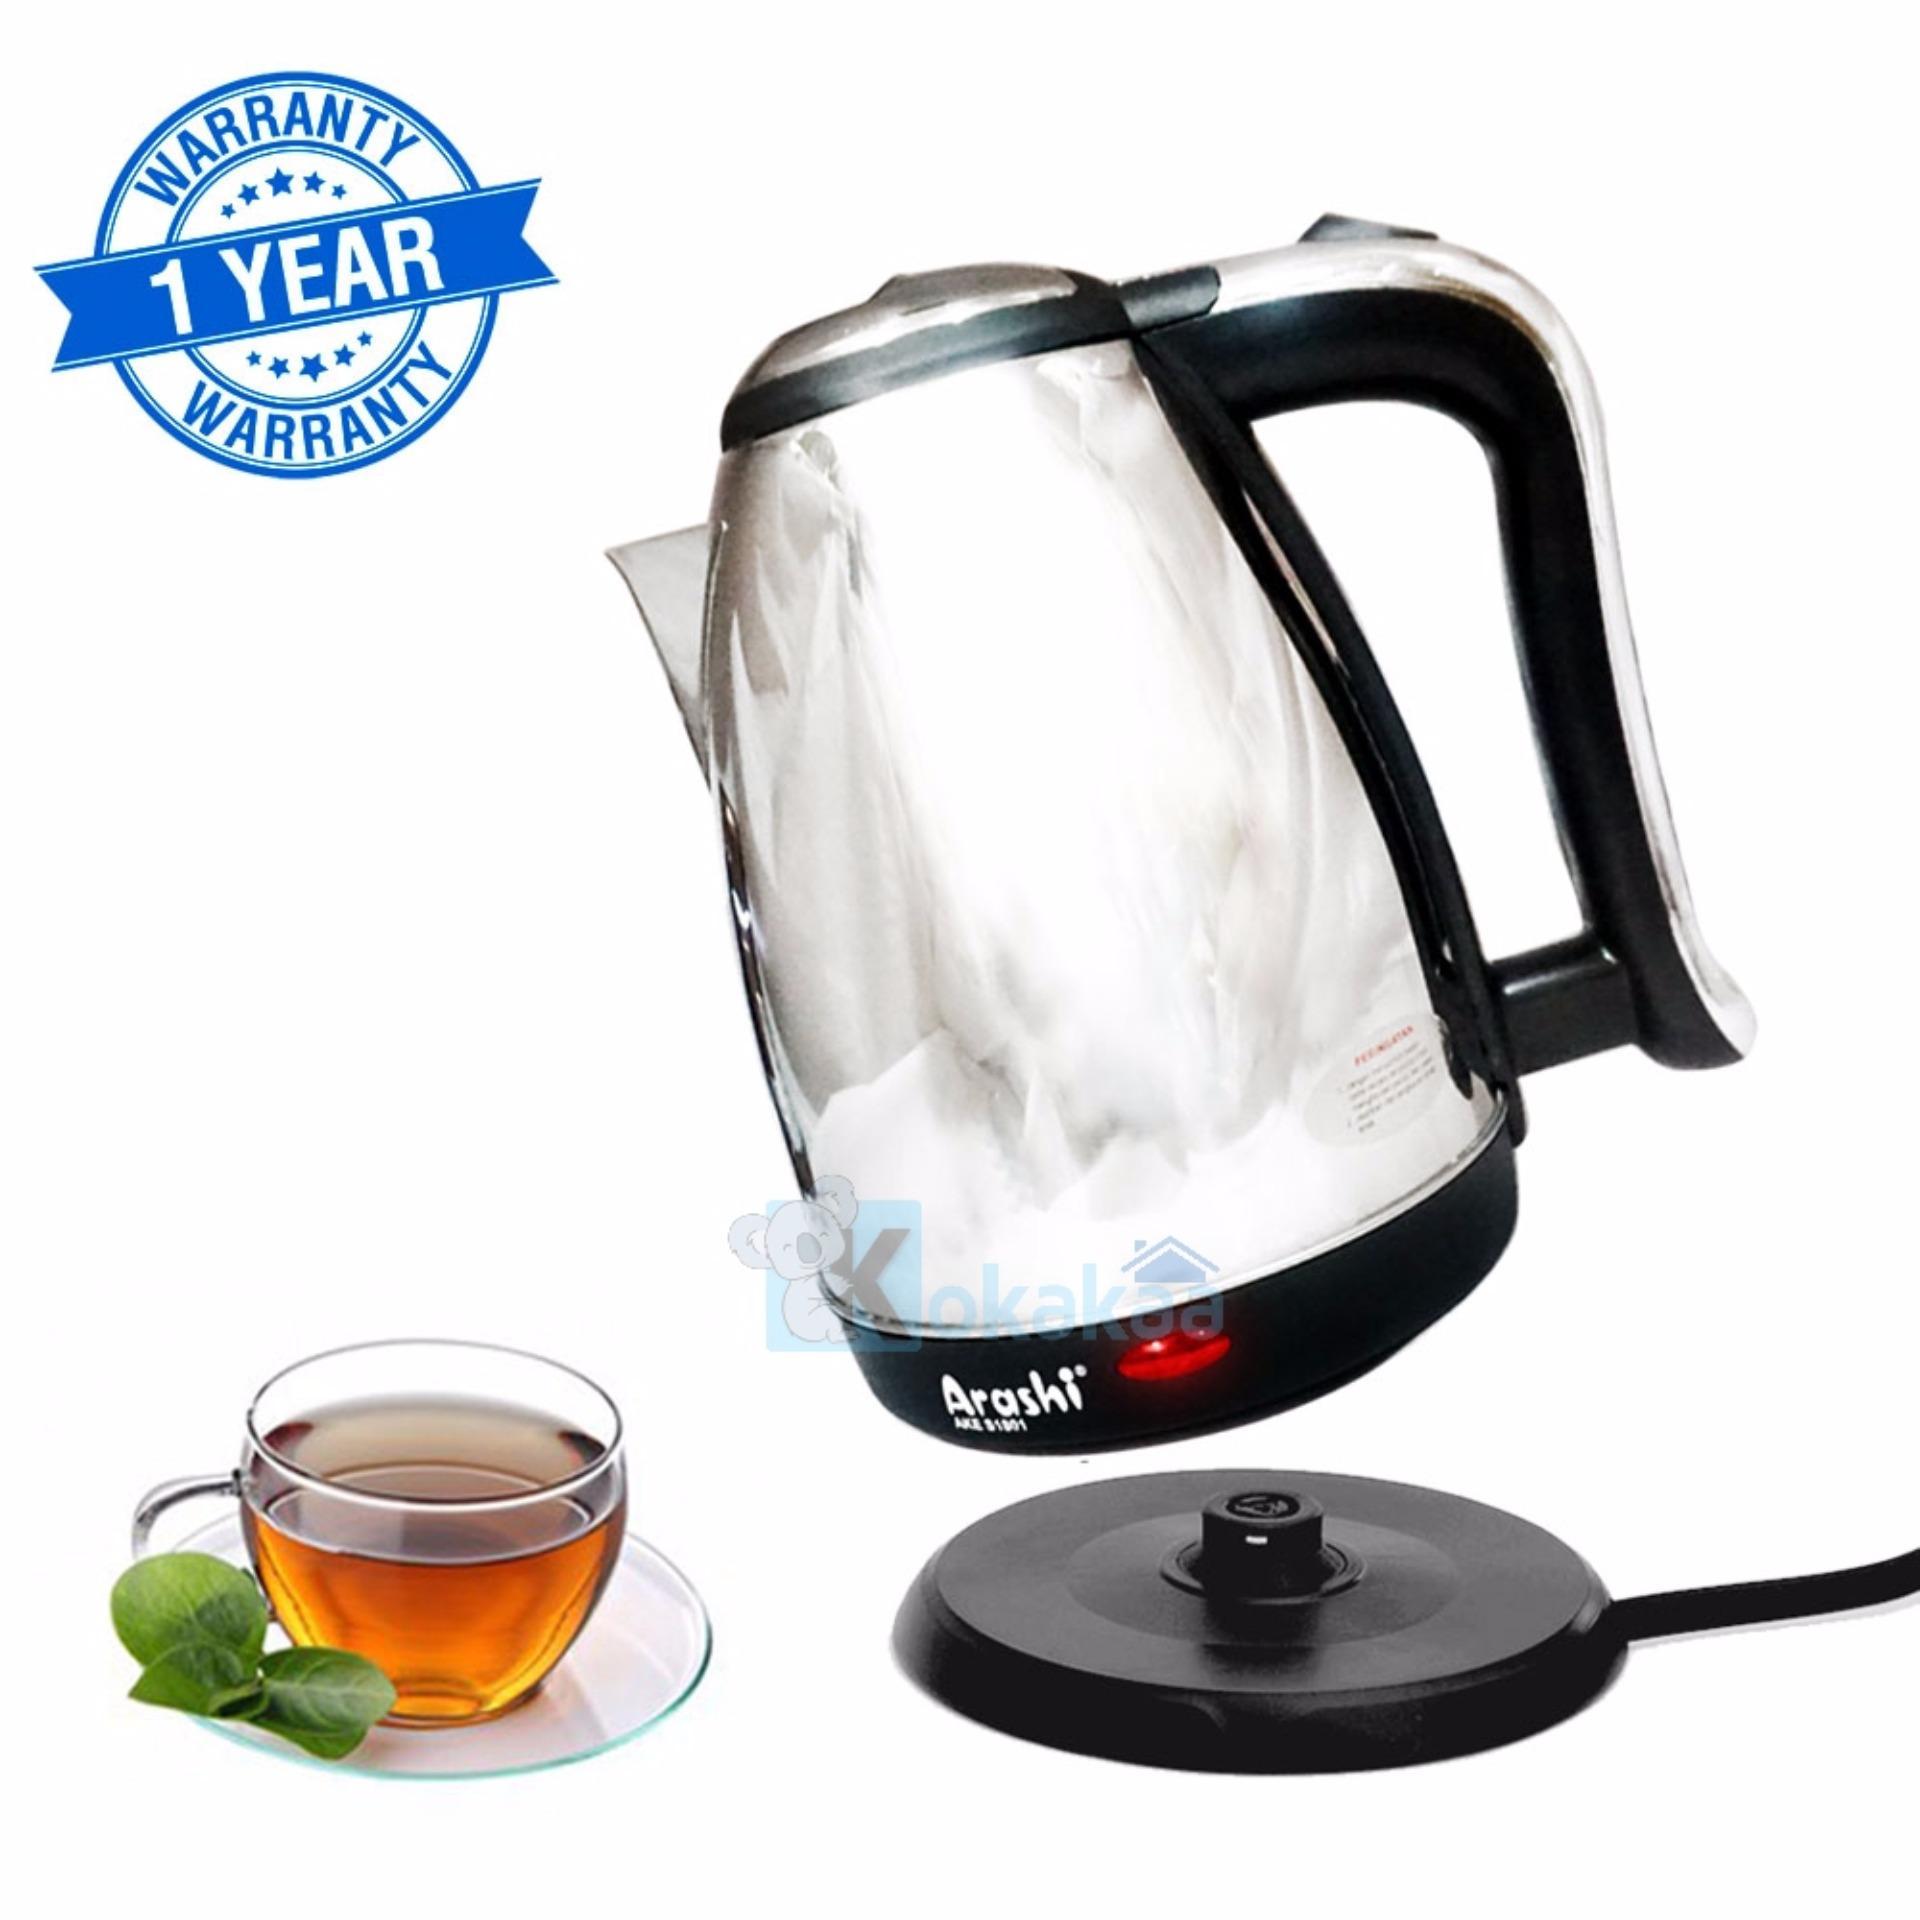 Jual Ketel Elektrik Teko Listrik Juug Untuk Air Minum Arashi Espresso Kettle Ceret Pemanas Electric 18l Ake